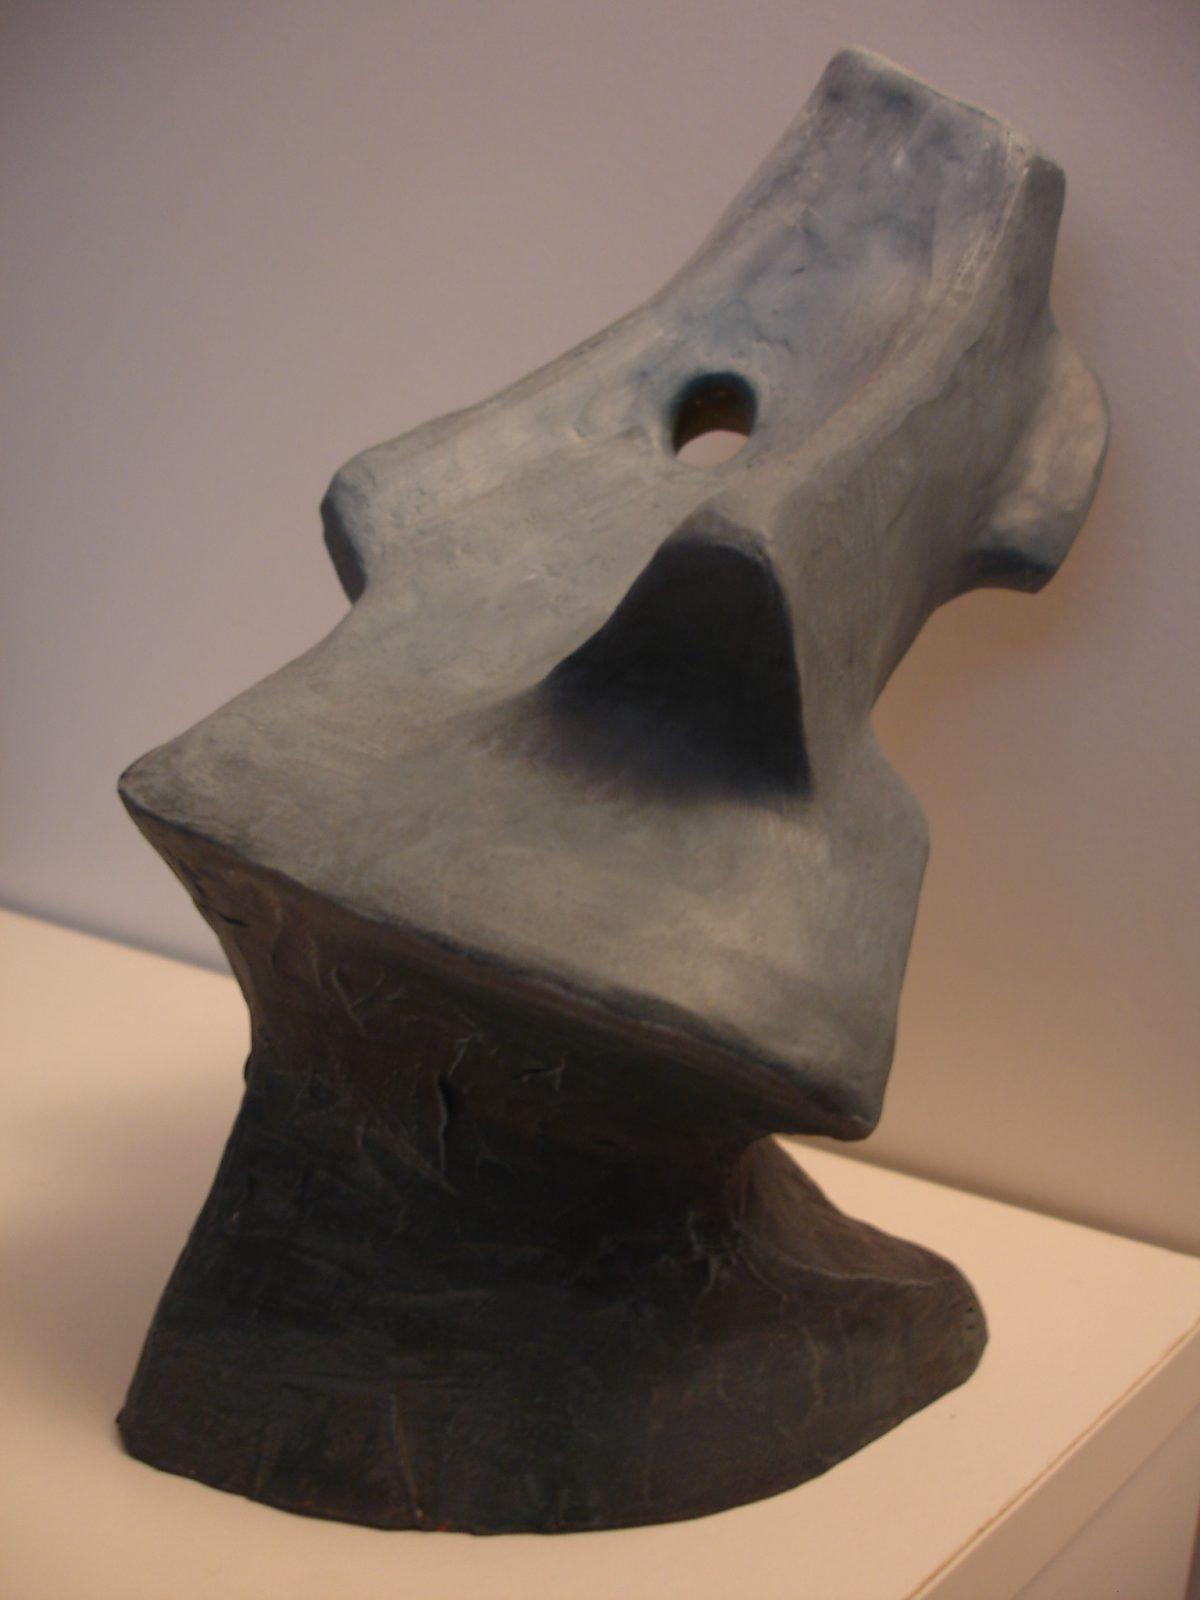 Split face - 20cm, clay/acrylics, clay, ch3, acrylic, bust